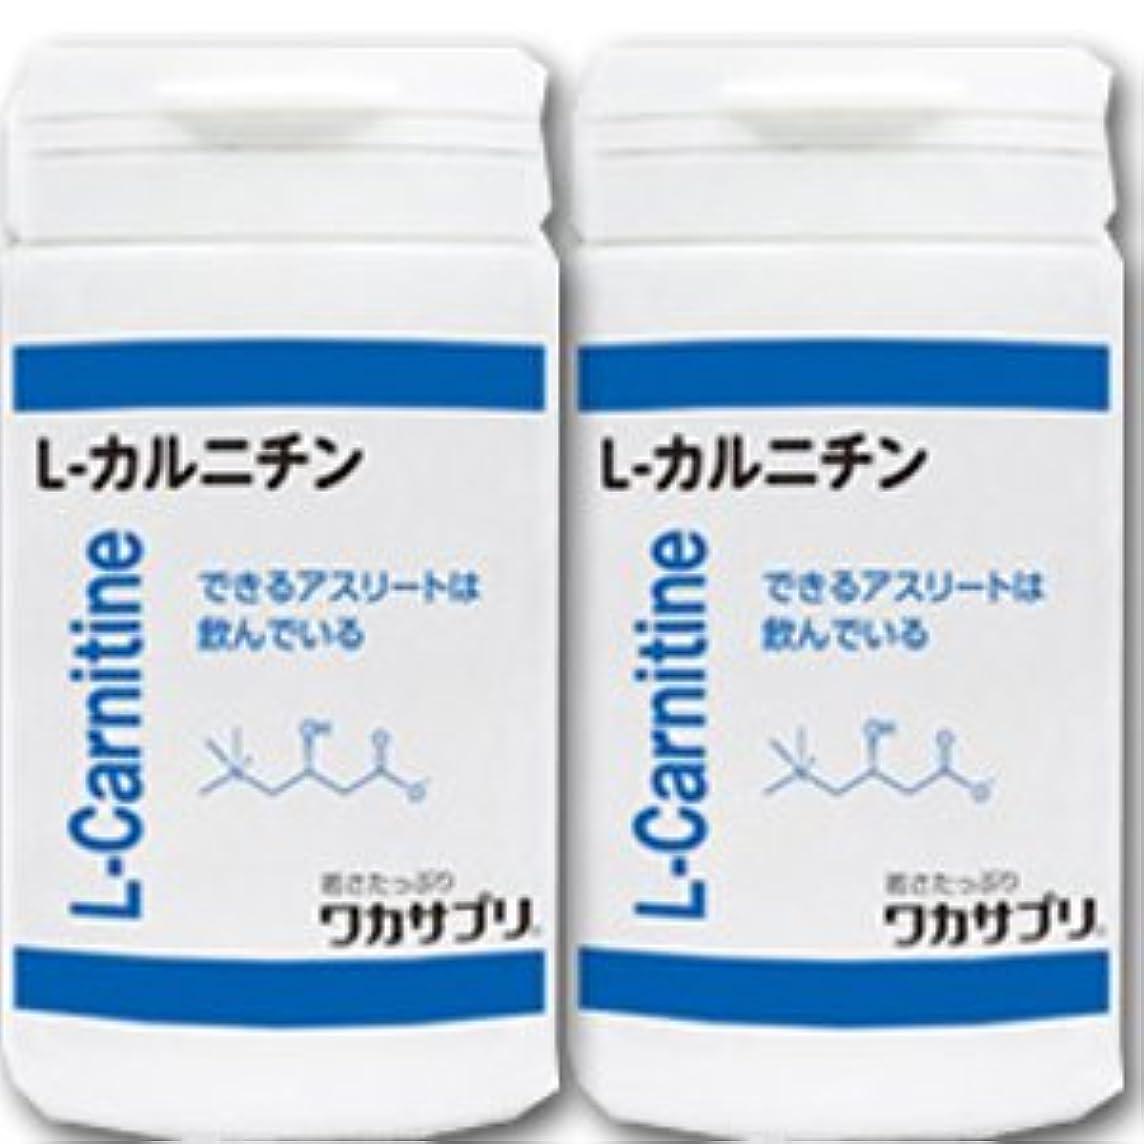 貼り直す蒸発パートナー【2個】 ワカサプリ L-カルニチン 60粒x2個(4562137413703)